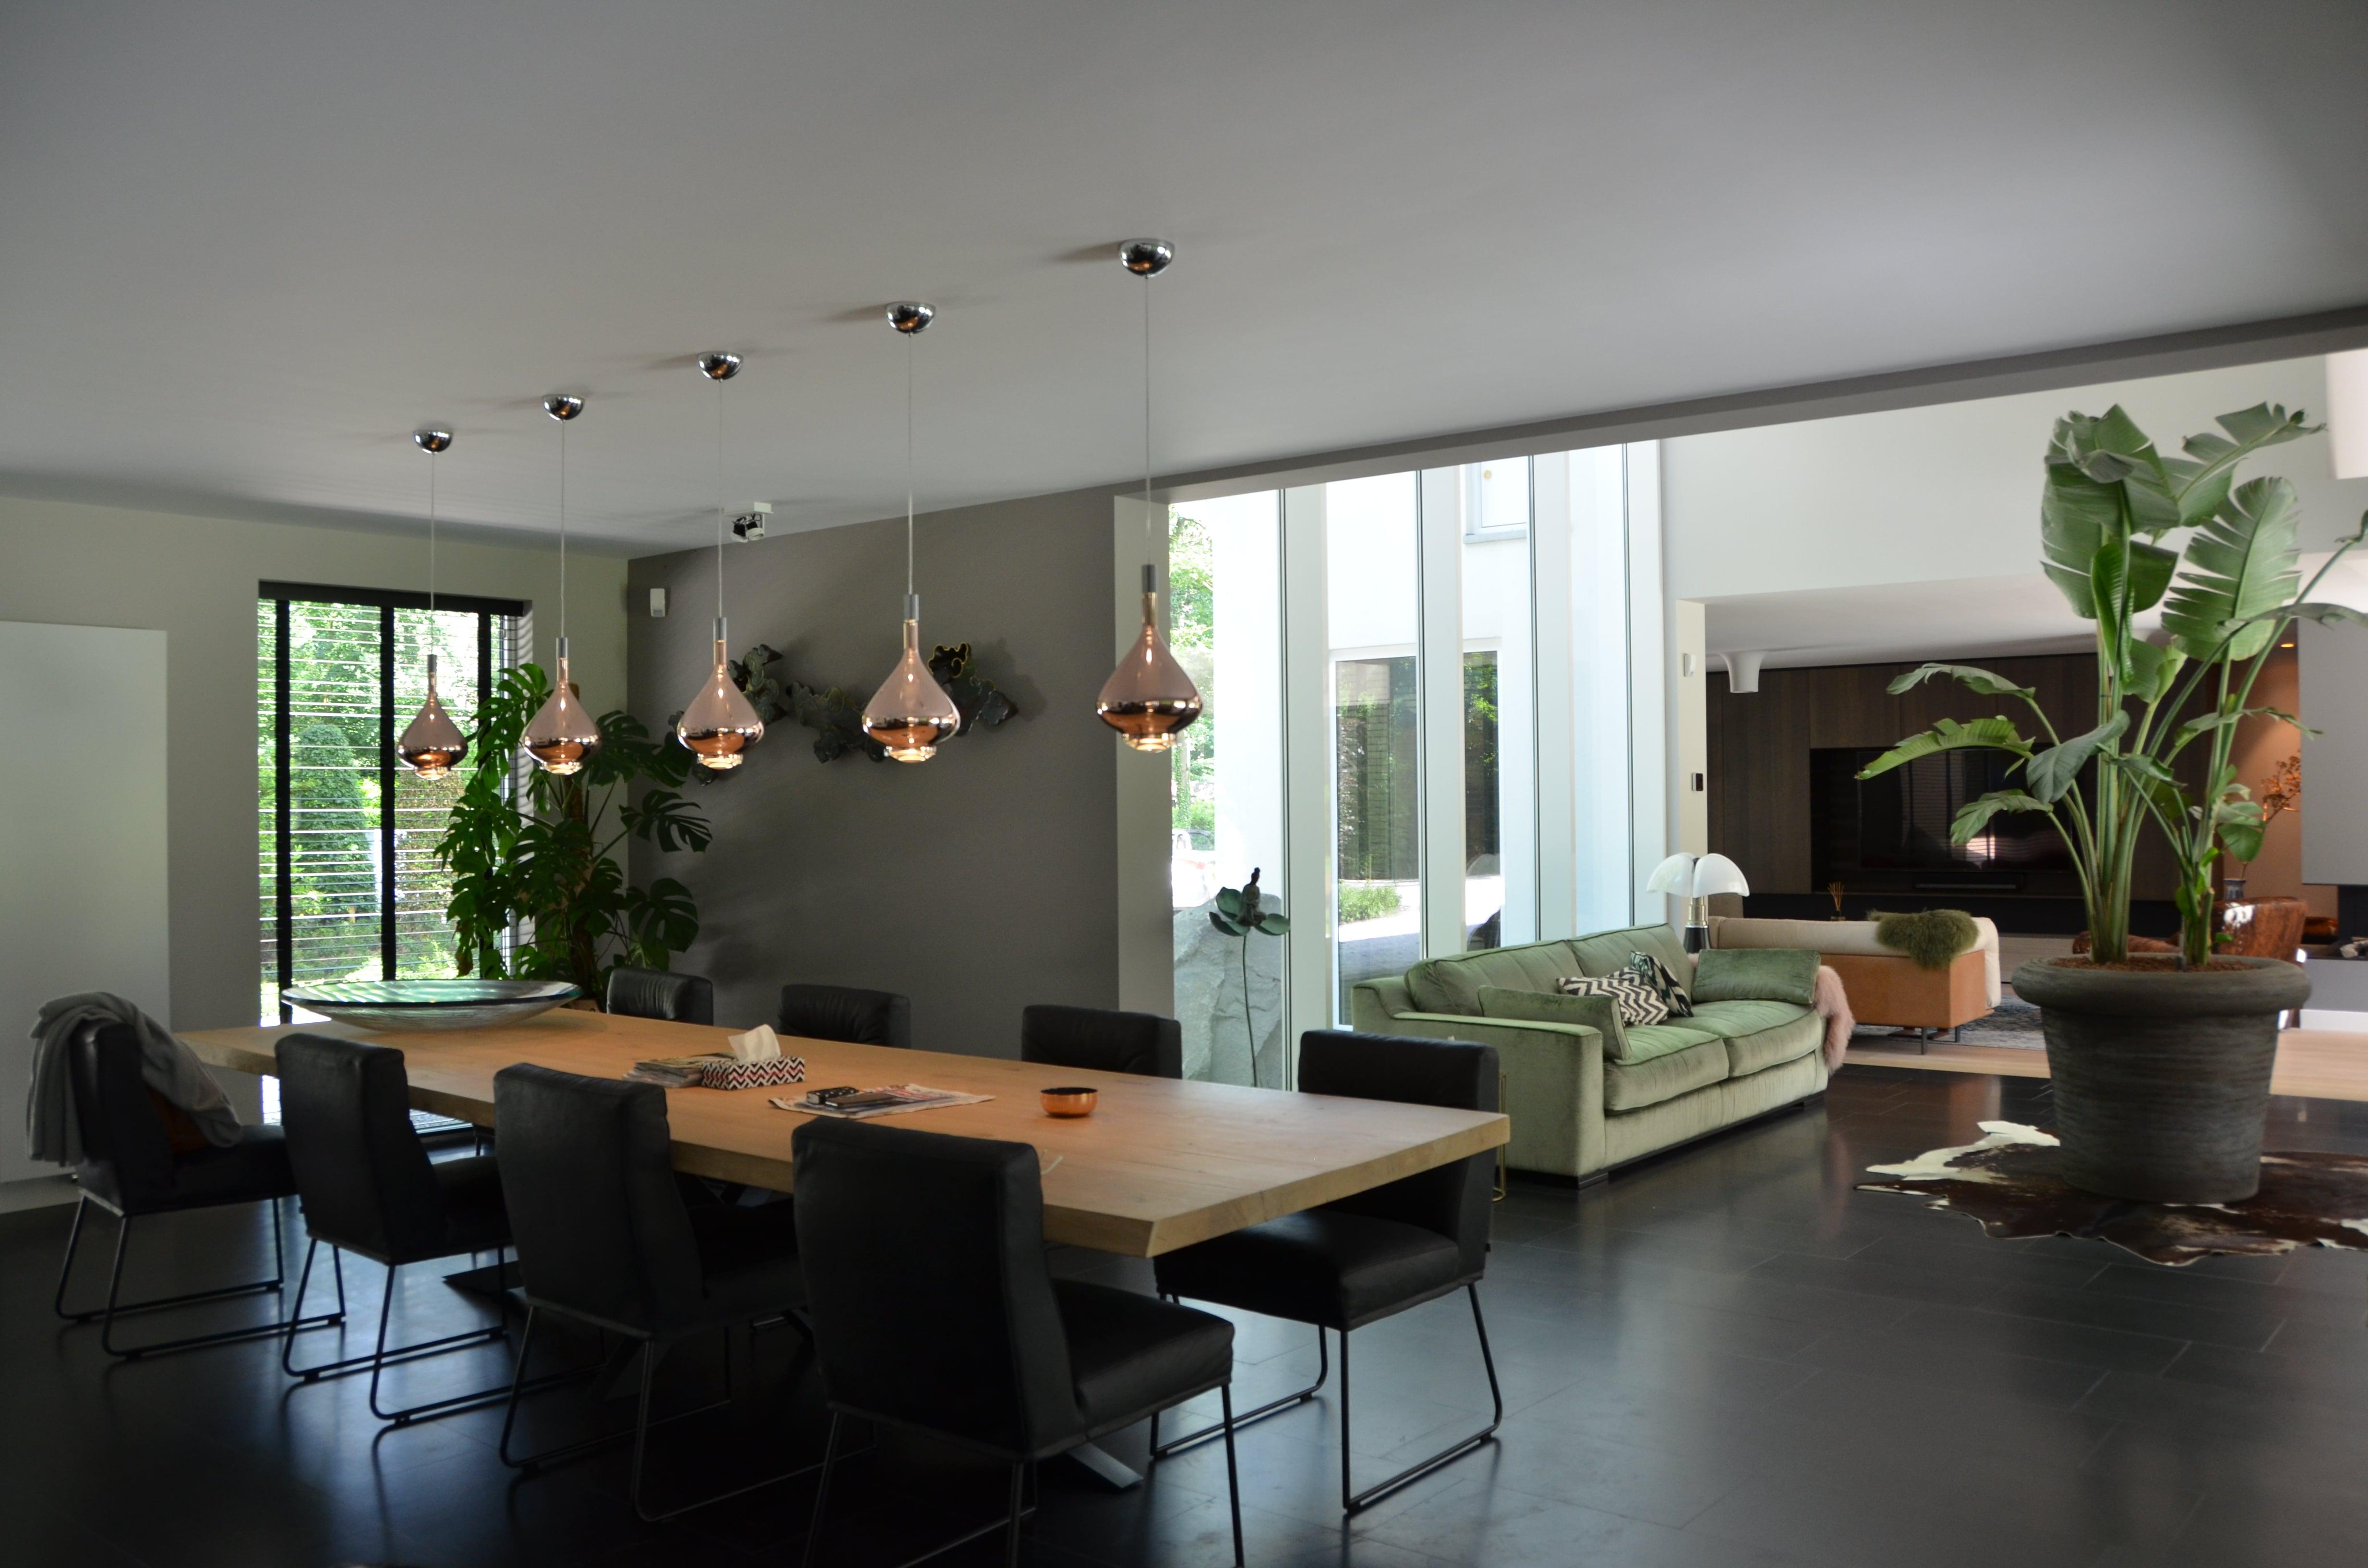 interieur van een compleet verbouwde en vergrote woning kenmerken van dit project modern